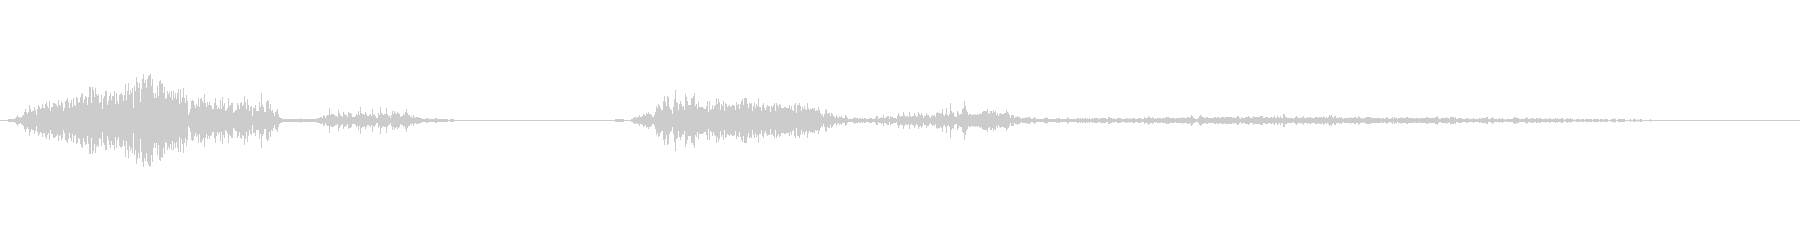 低声の成長その他の人間の声の未再生の波形